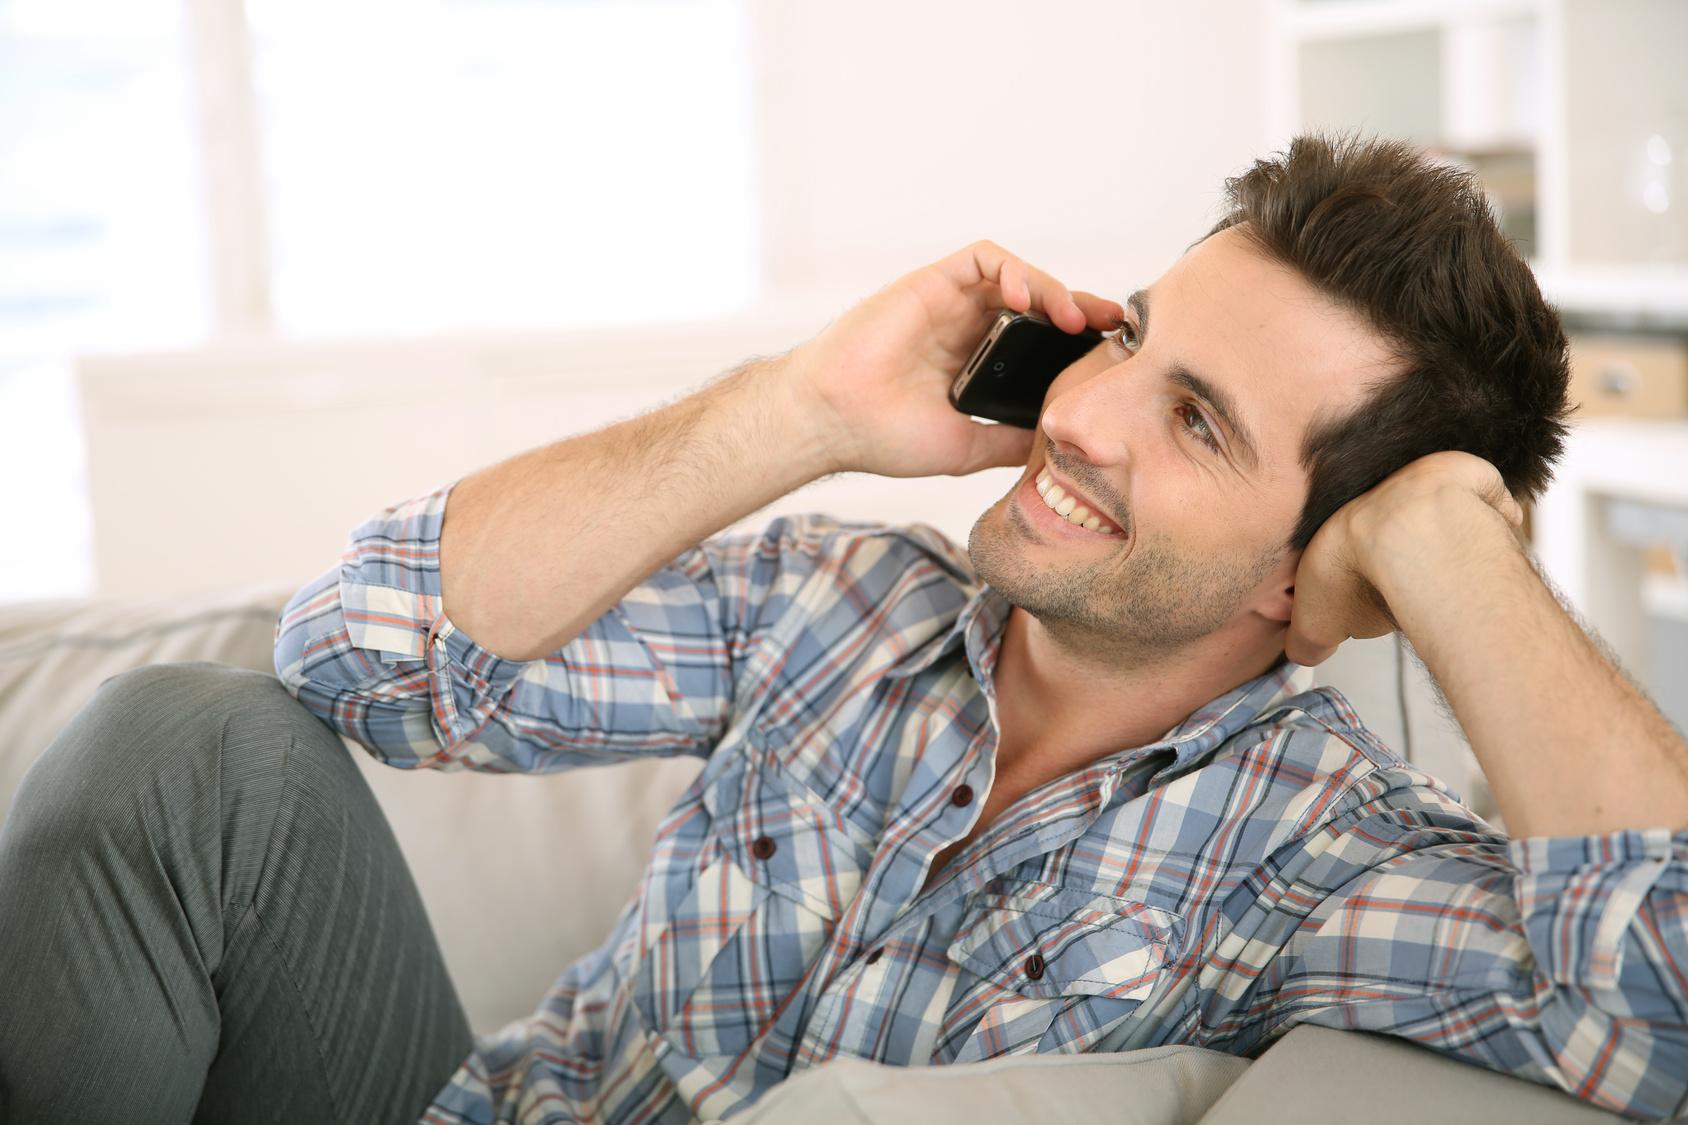 صورة كيف تجعل الفتاة تحبك عبر الهاتف , اهم الطرق التي تقنع البنت علي حبك من خلال التليفون